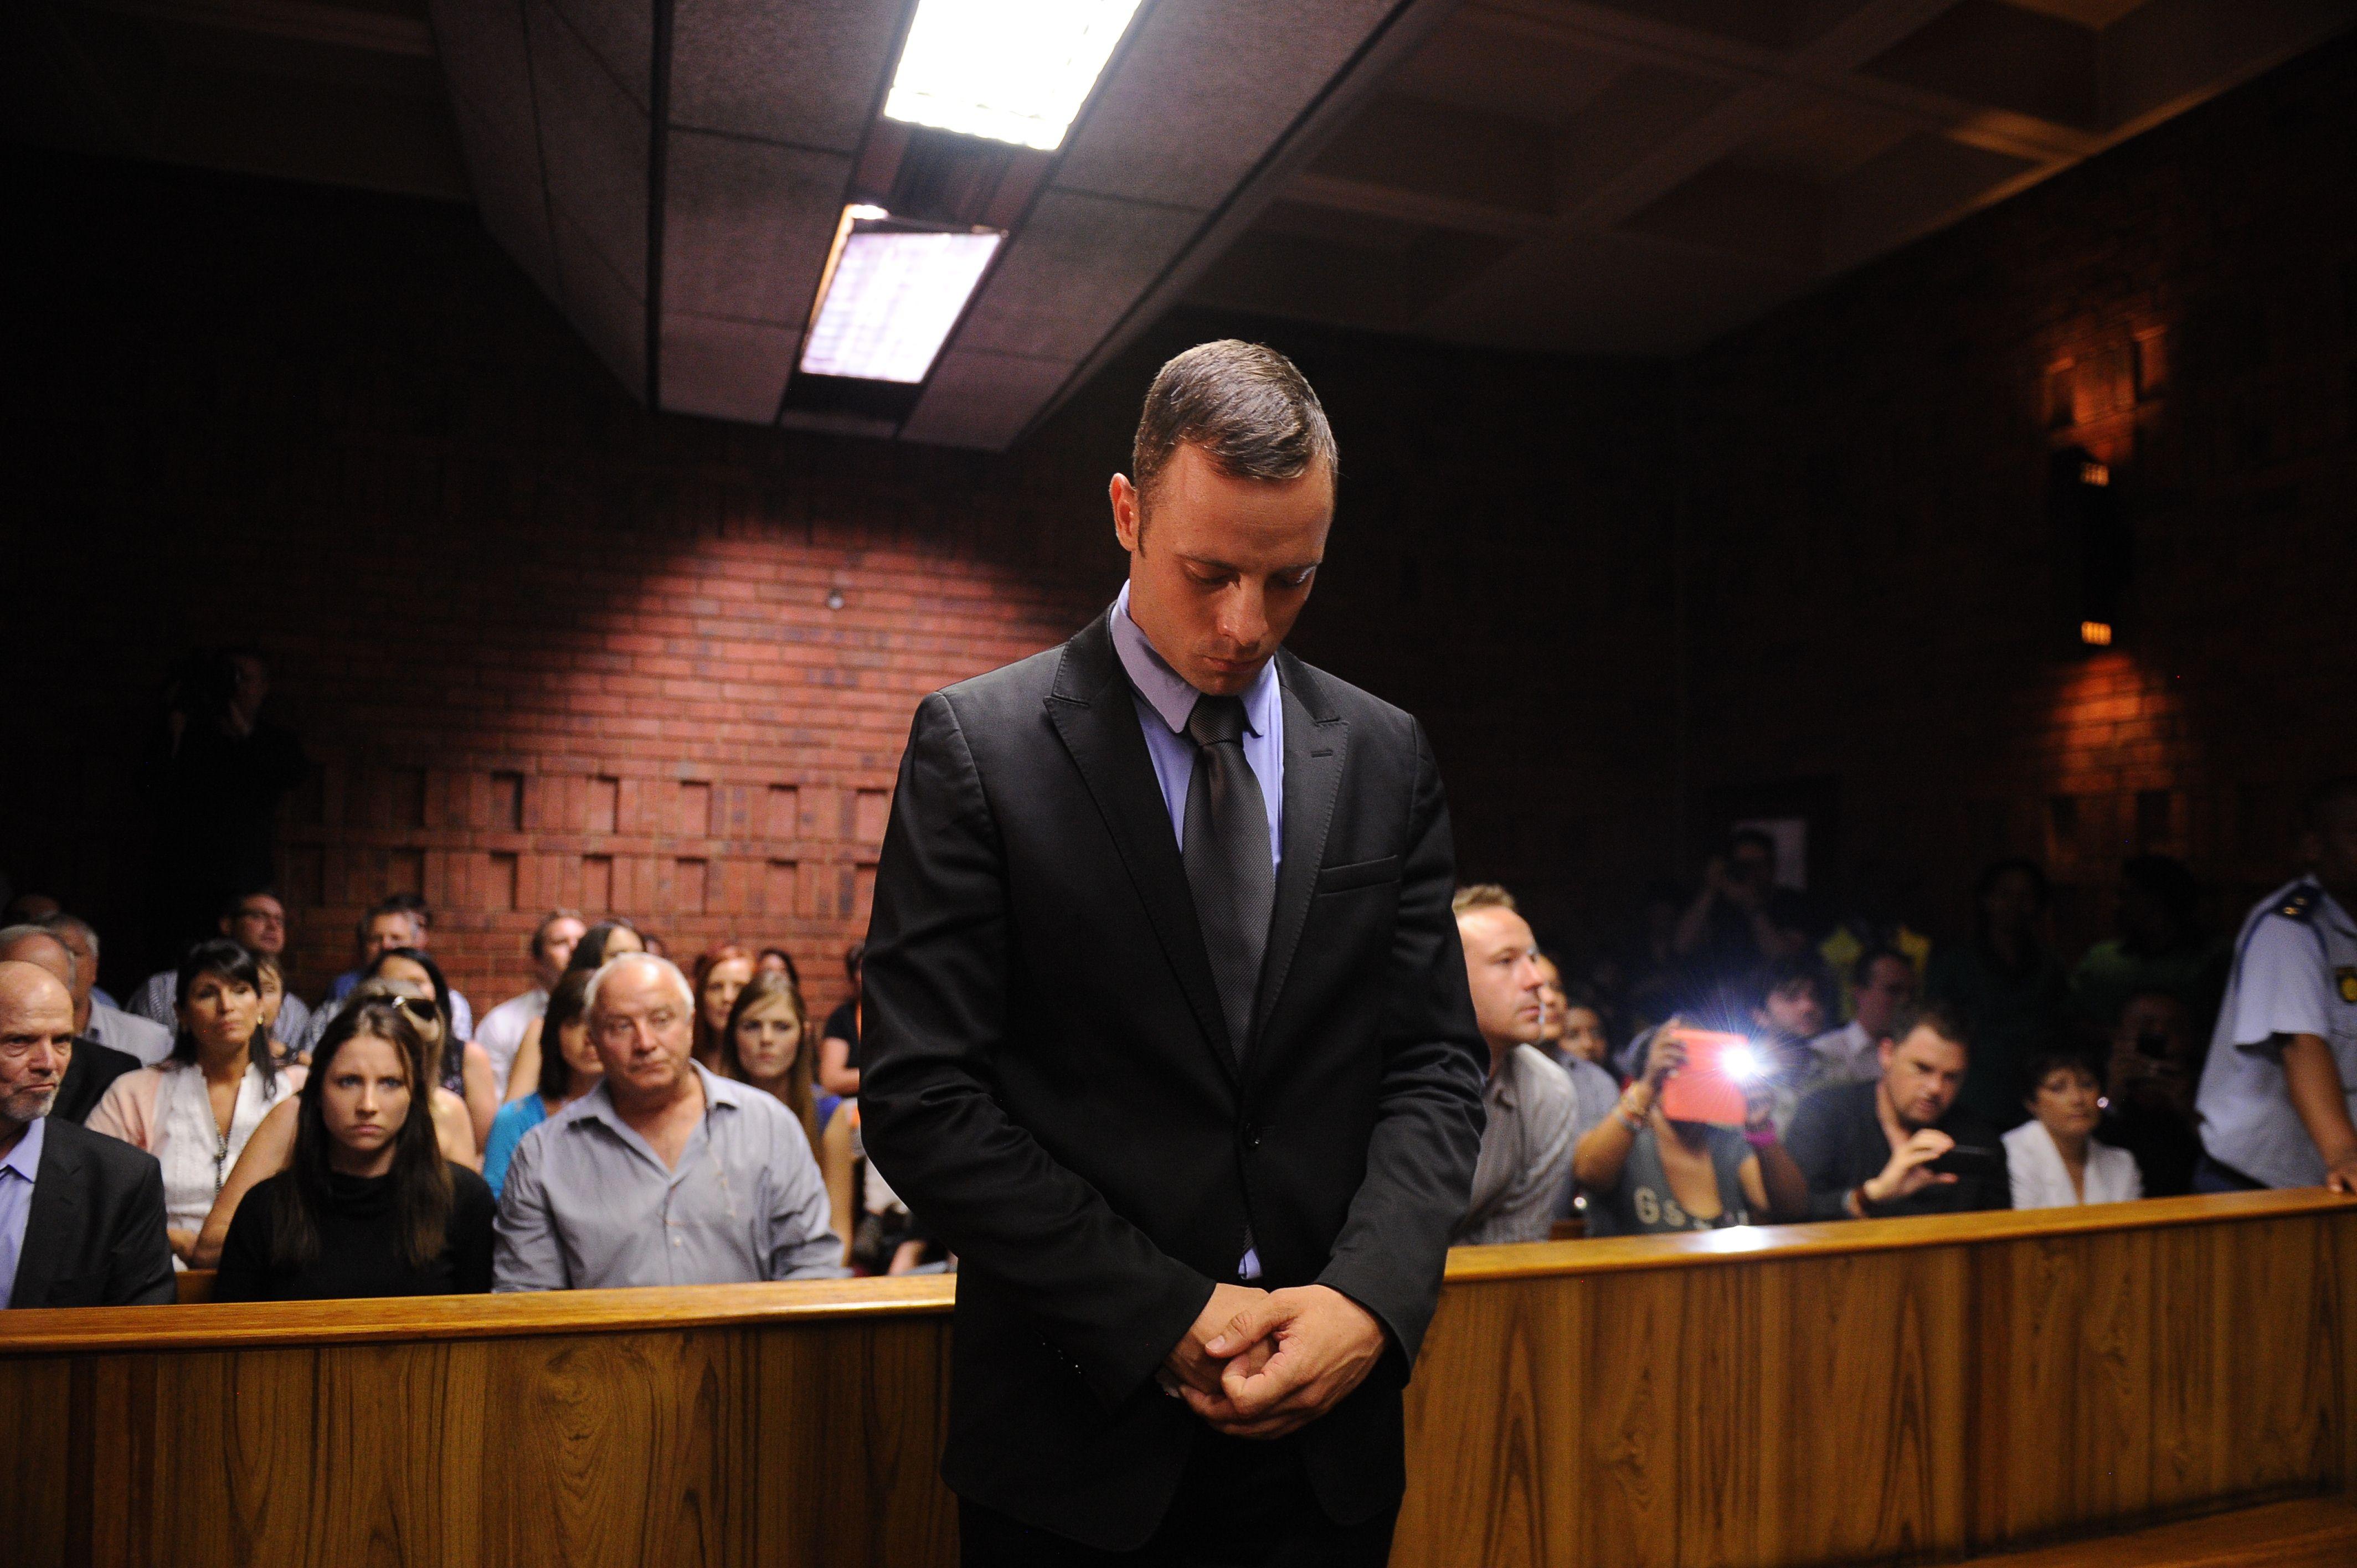 Detalii cutremuratoare din procesul lui Oscar Pistorius: